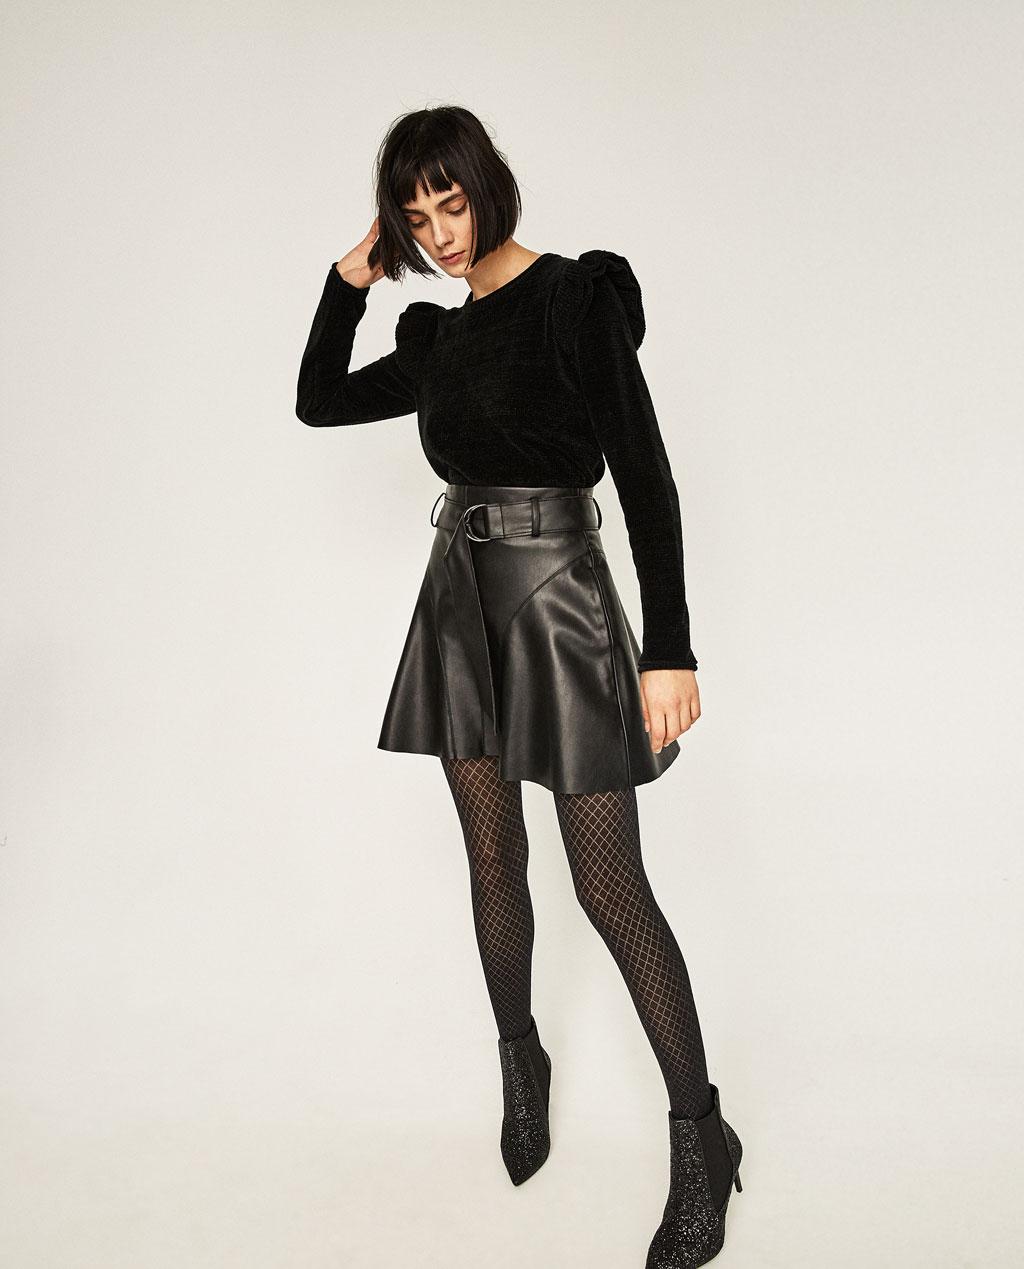 9db8e7a2ae Escoge faldas de colores oscuros para que te ayuden a estilizar tu cuerpo y  disimulen mejor tu vientre.